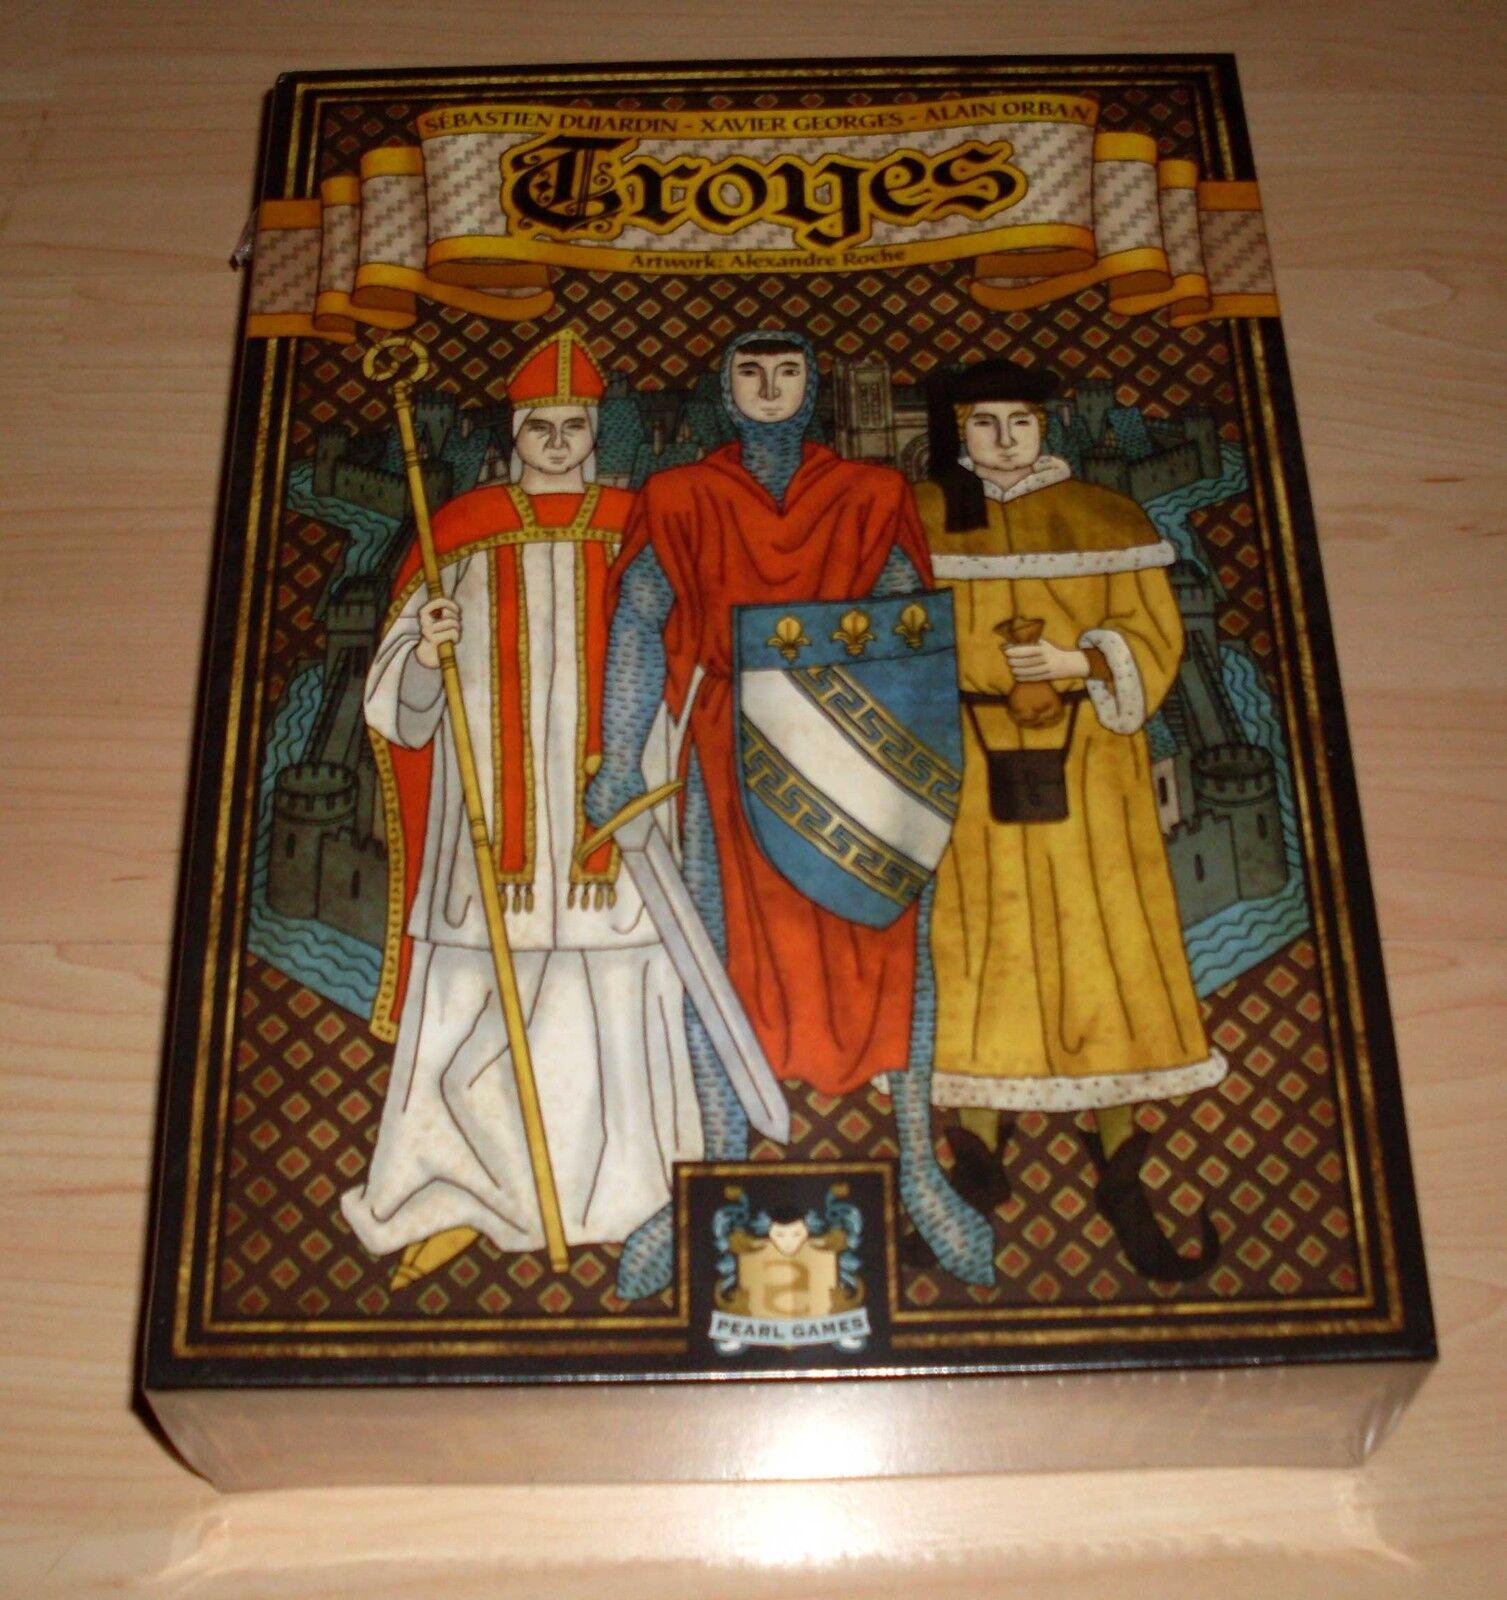 Troyes - Pearl Games - Gesellschaftsspiel - Brettspiel - Alexander Roche Neu OVP